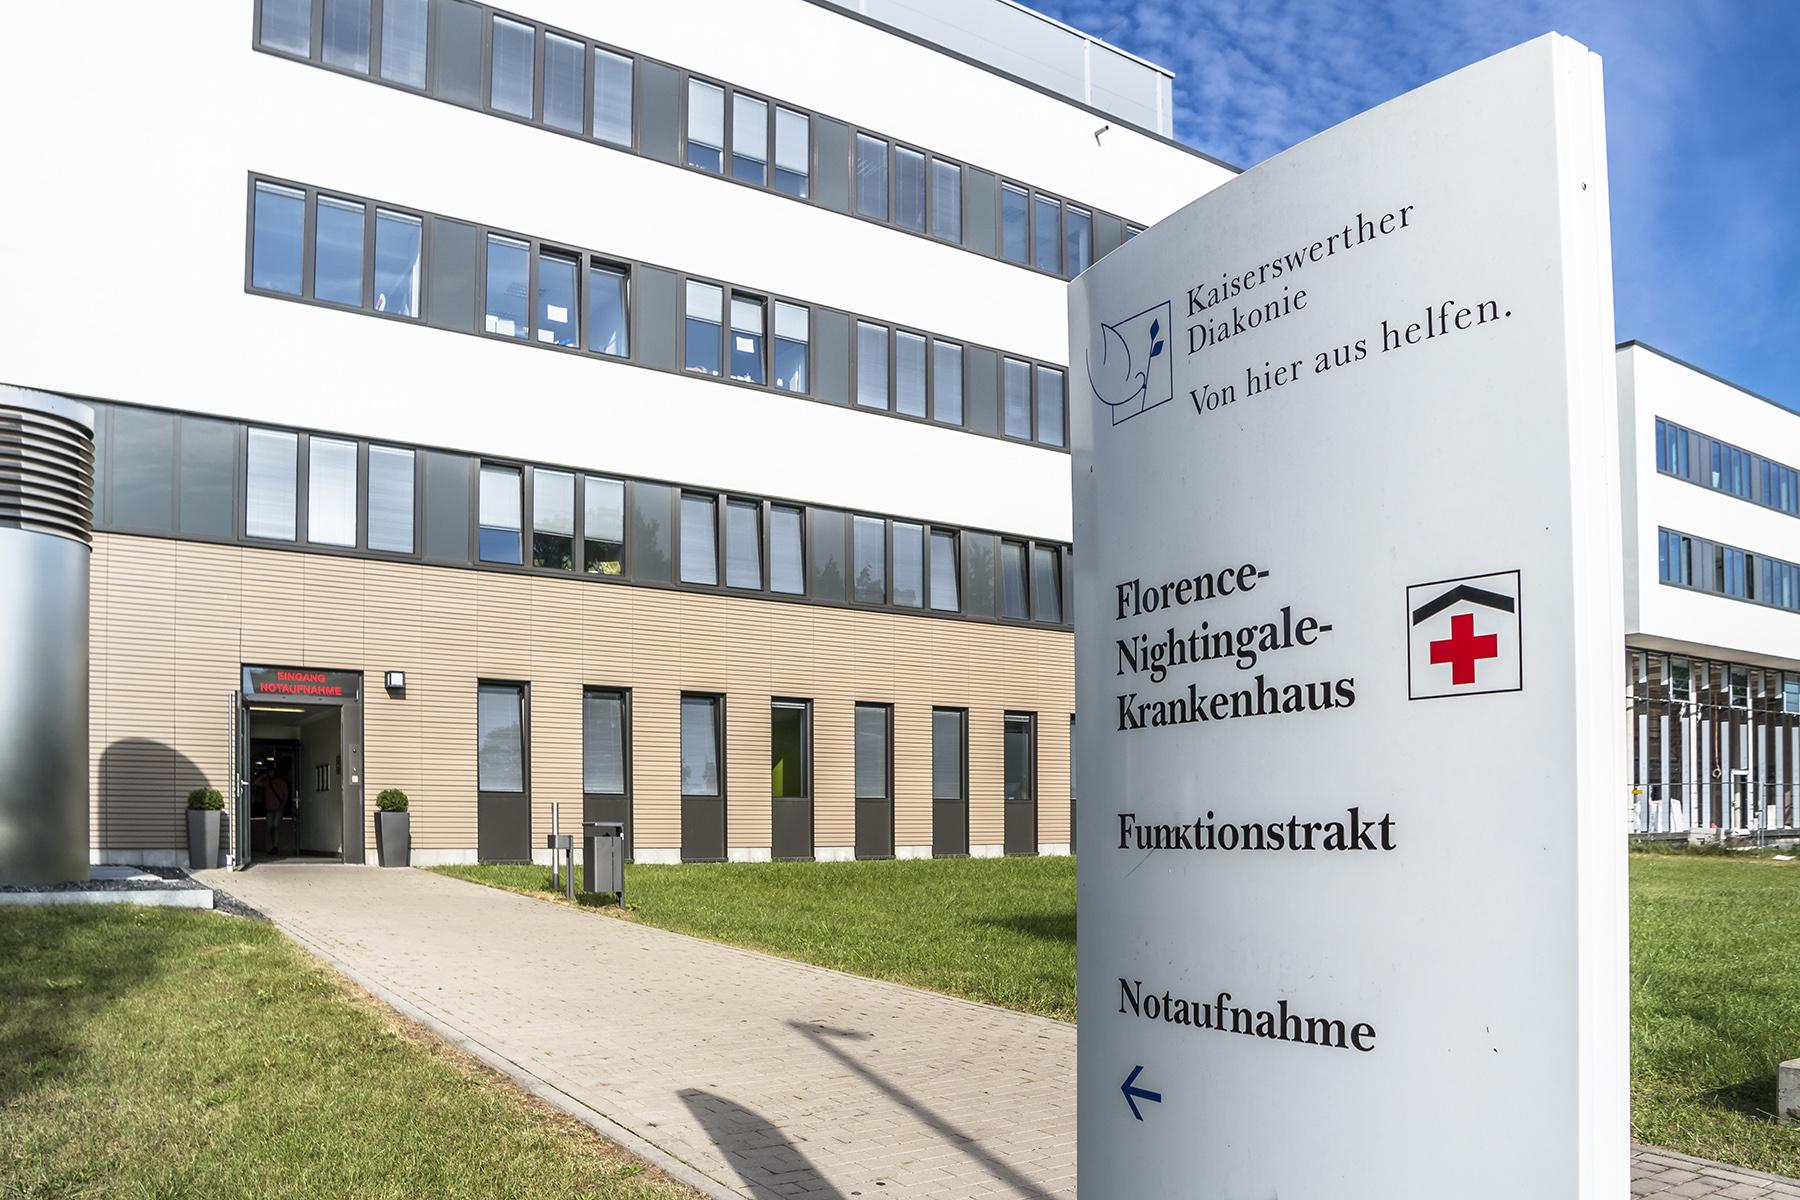 Florence Nightingale Hospital in Düsseldorf